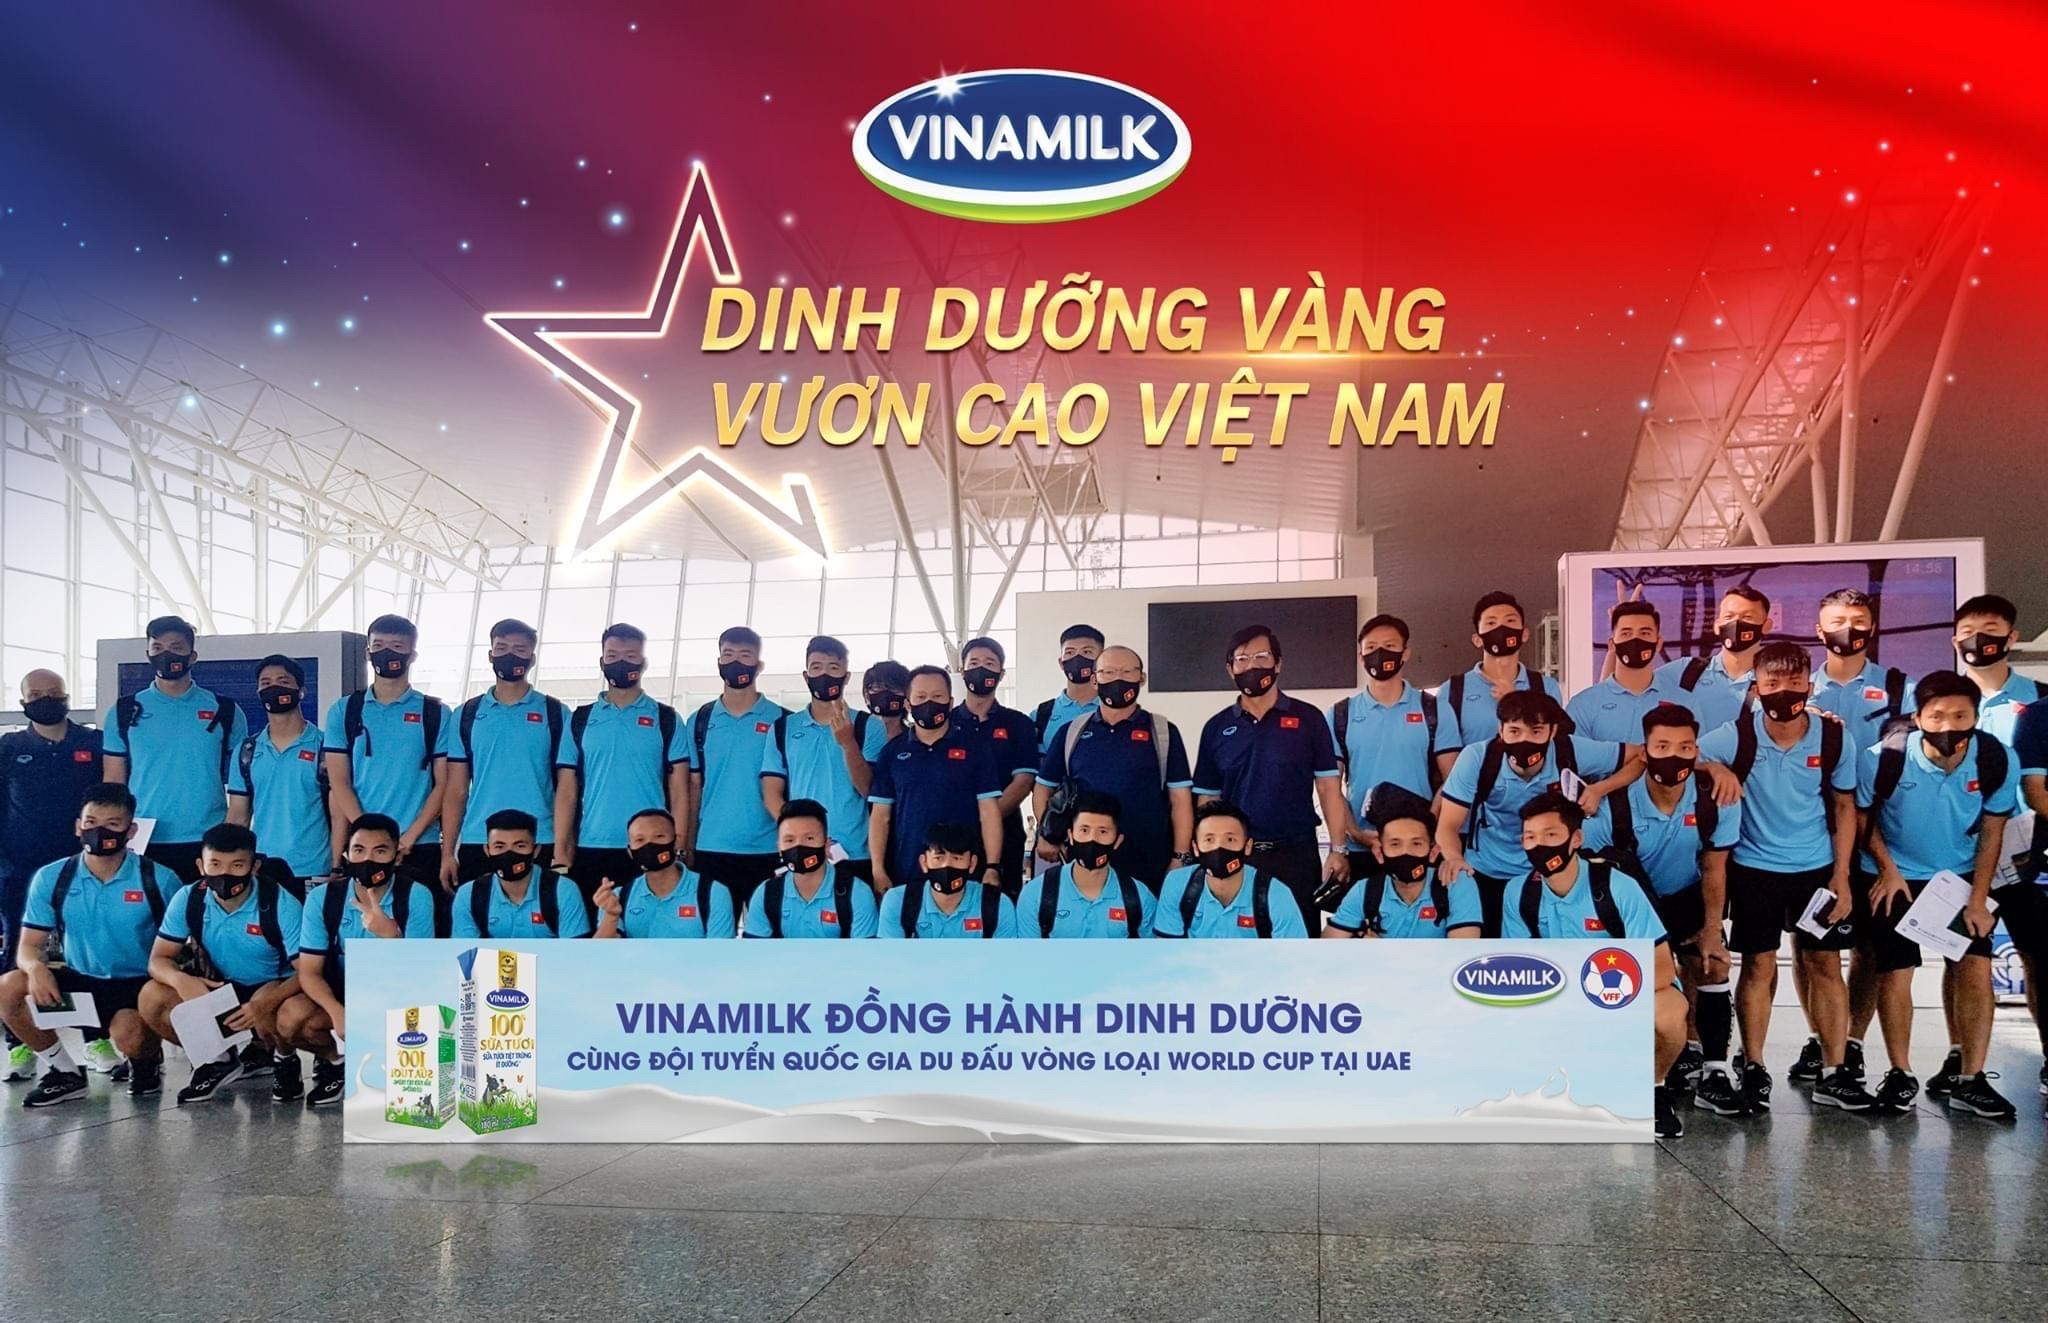 Tinh thần thi đấu và thể lực bển bỉ của đội tuyển Việt Nam, sẵn sàng tranh ngôi đầu bảng ở trận cuối 5